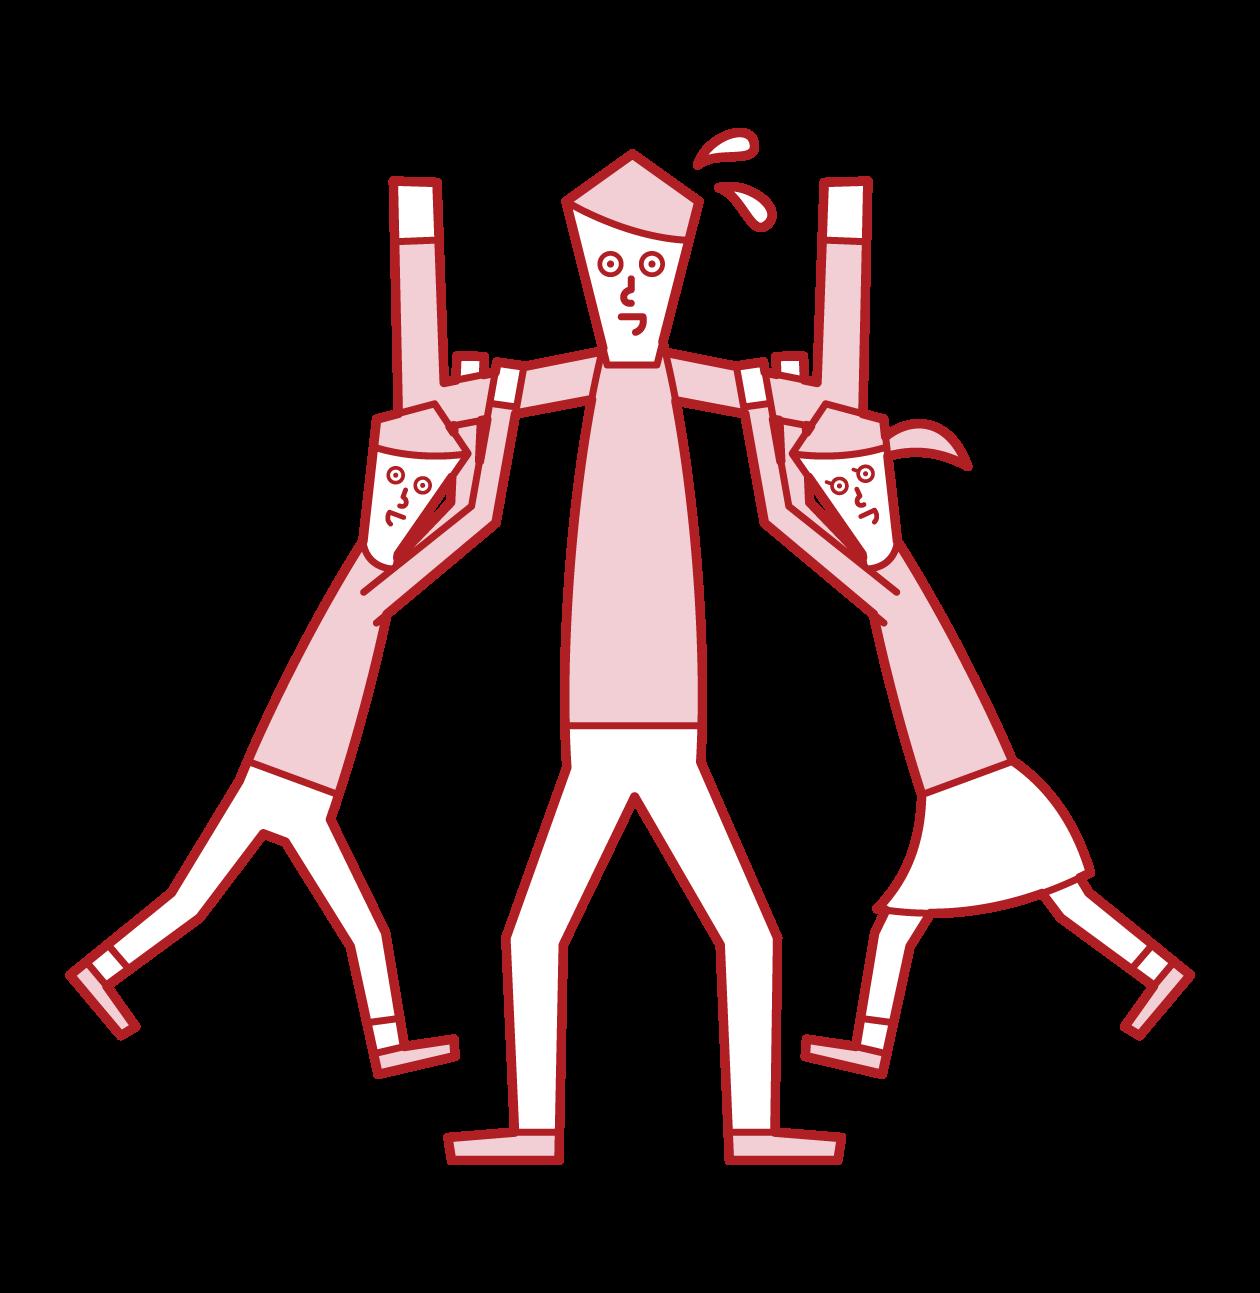 子供たちと遊ぶ人(男性)のイラスト